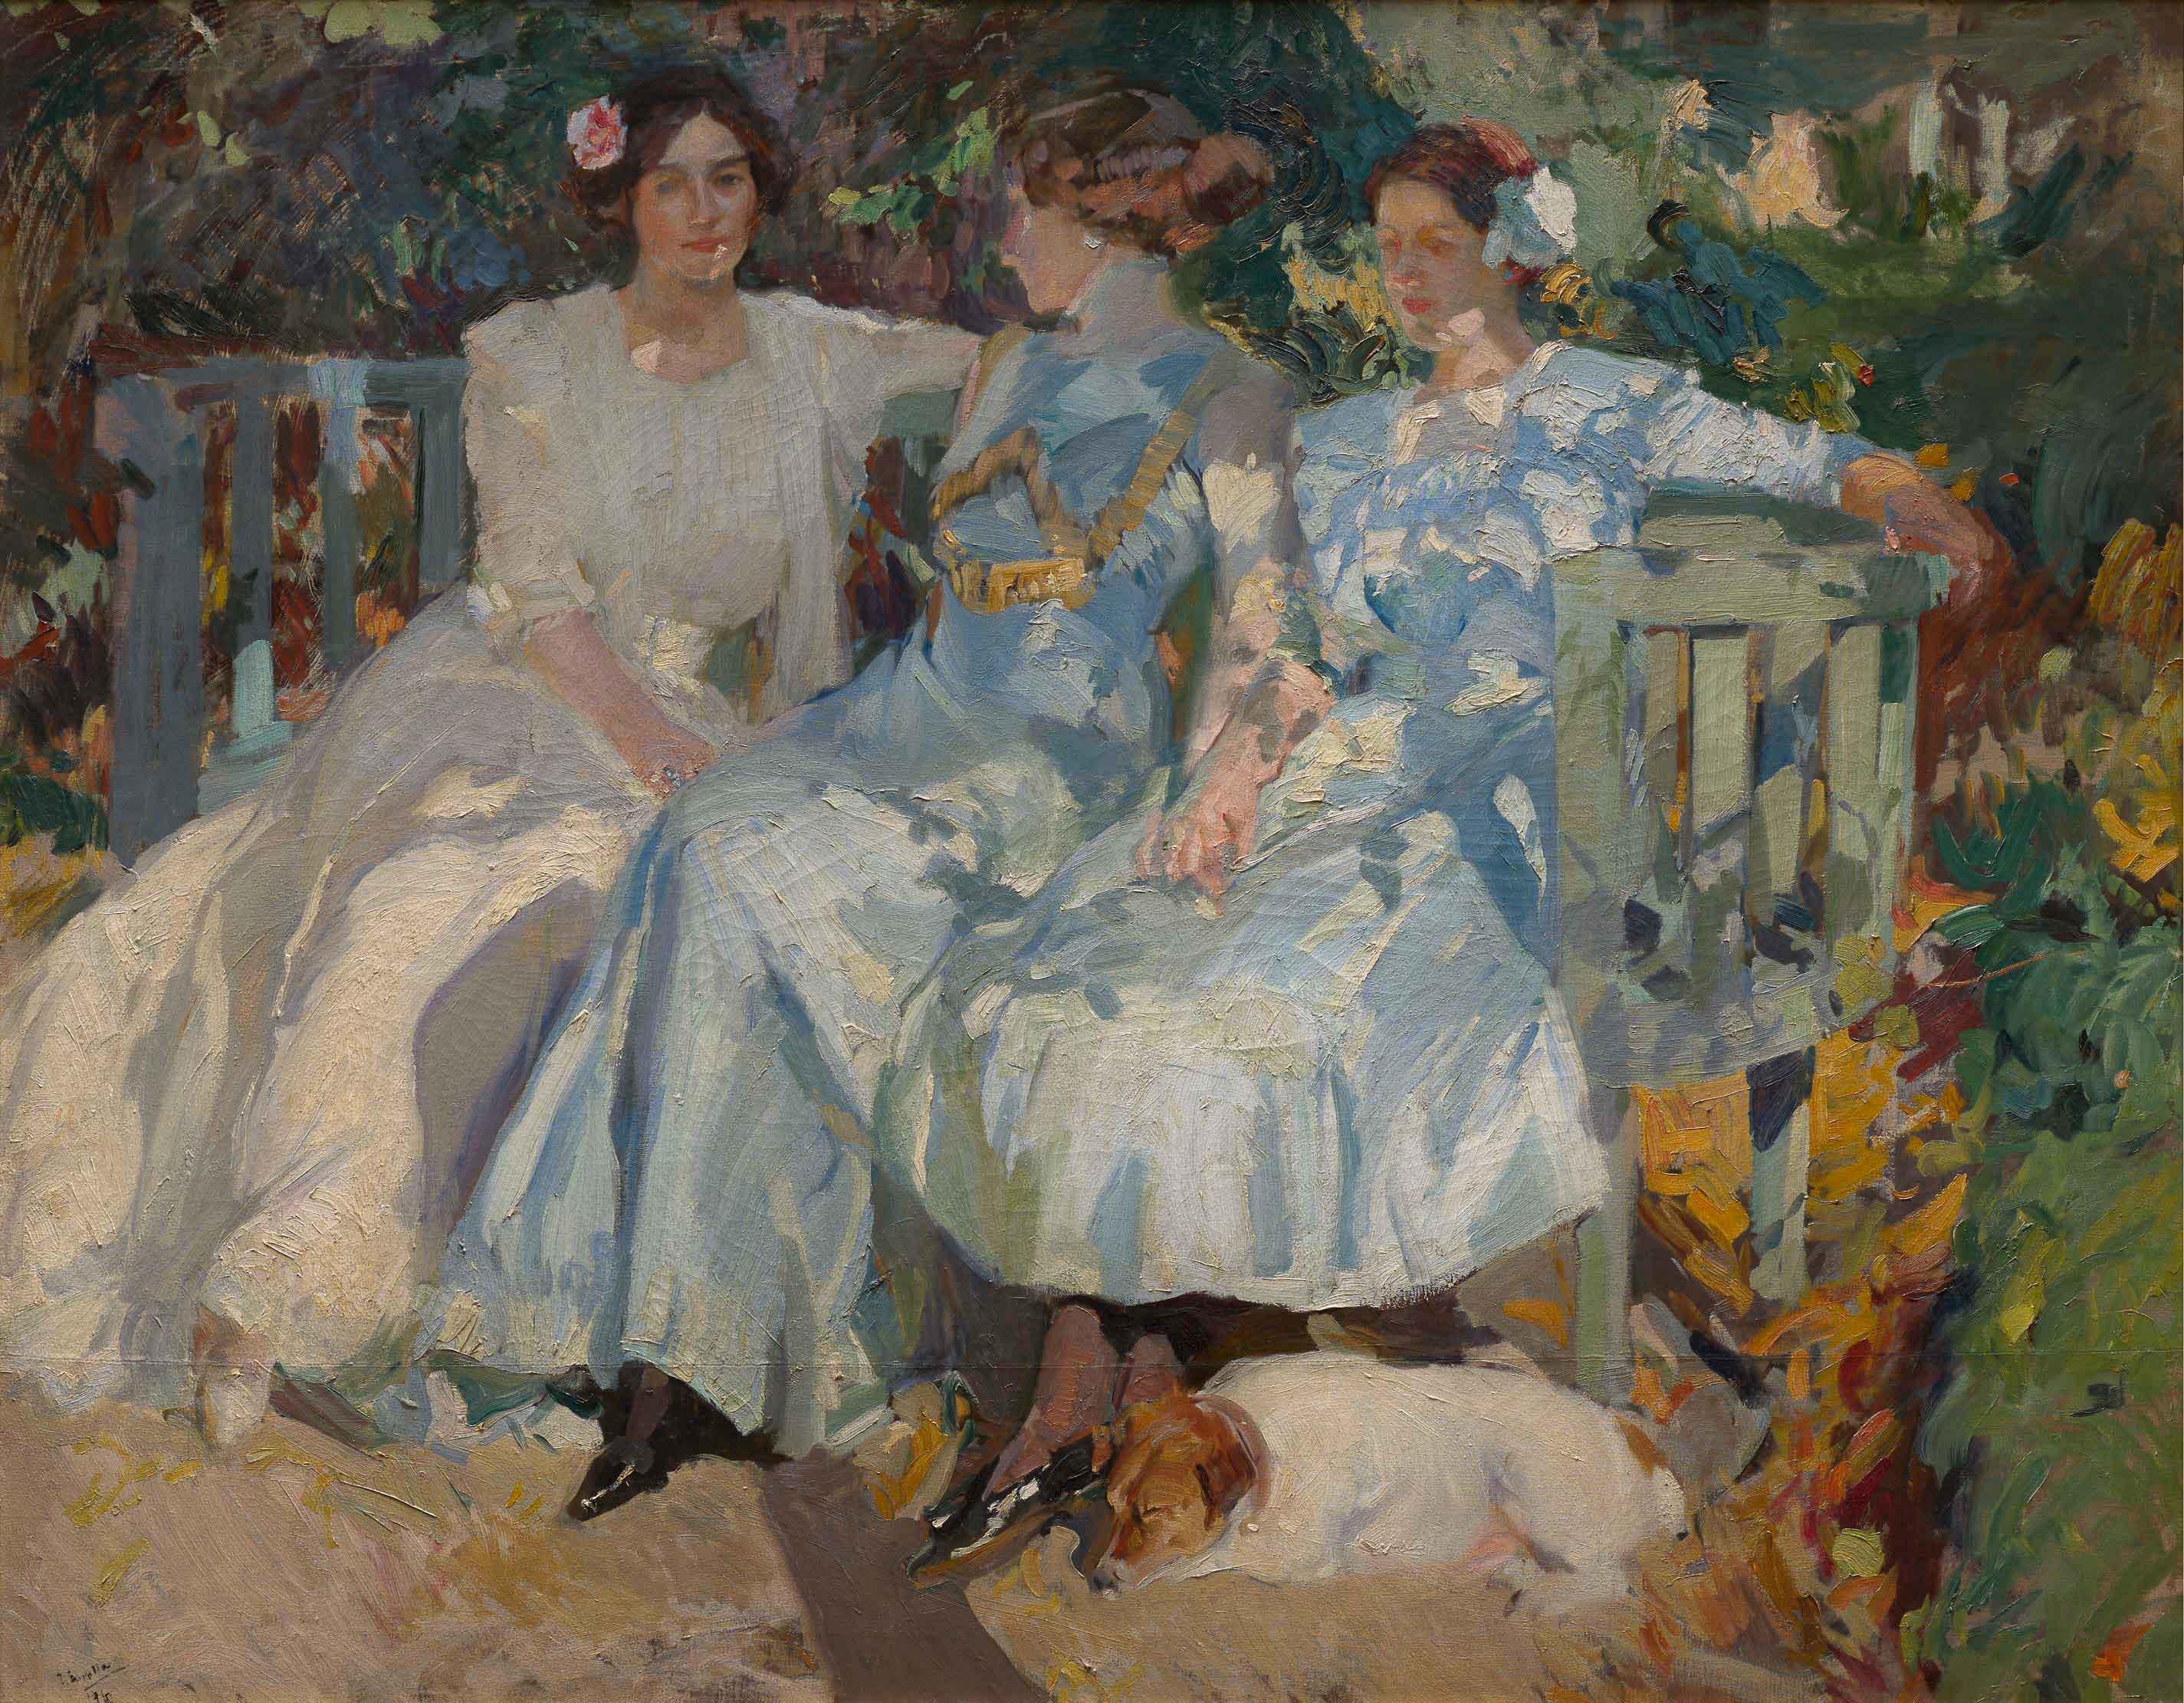 09_joaquinsorolla_mi_mujer_y_mis_hijas_en_el_jardin_1910_fmcmp_marcosmorilla